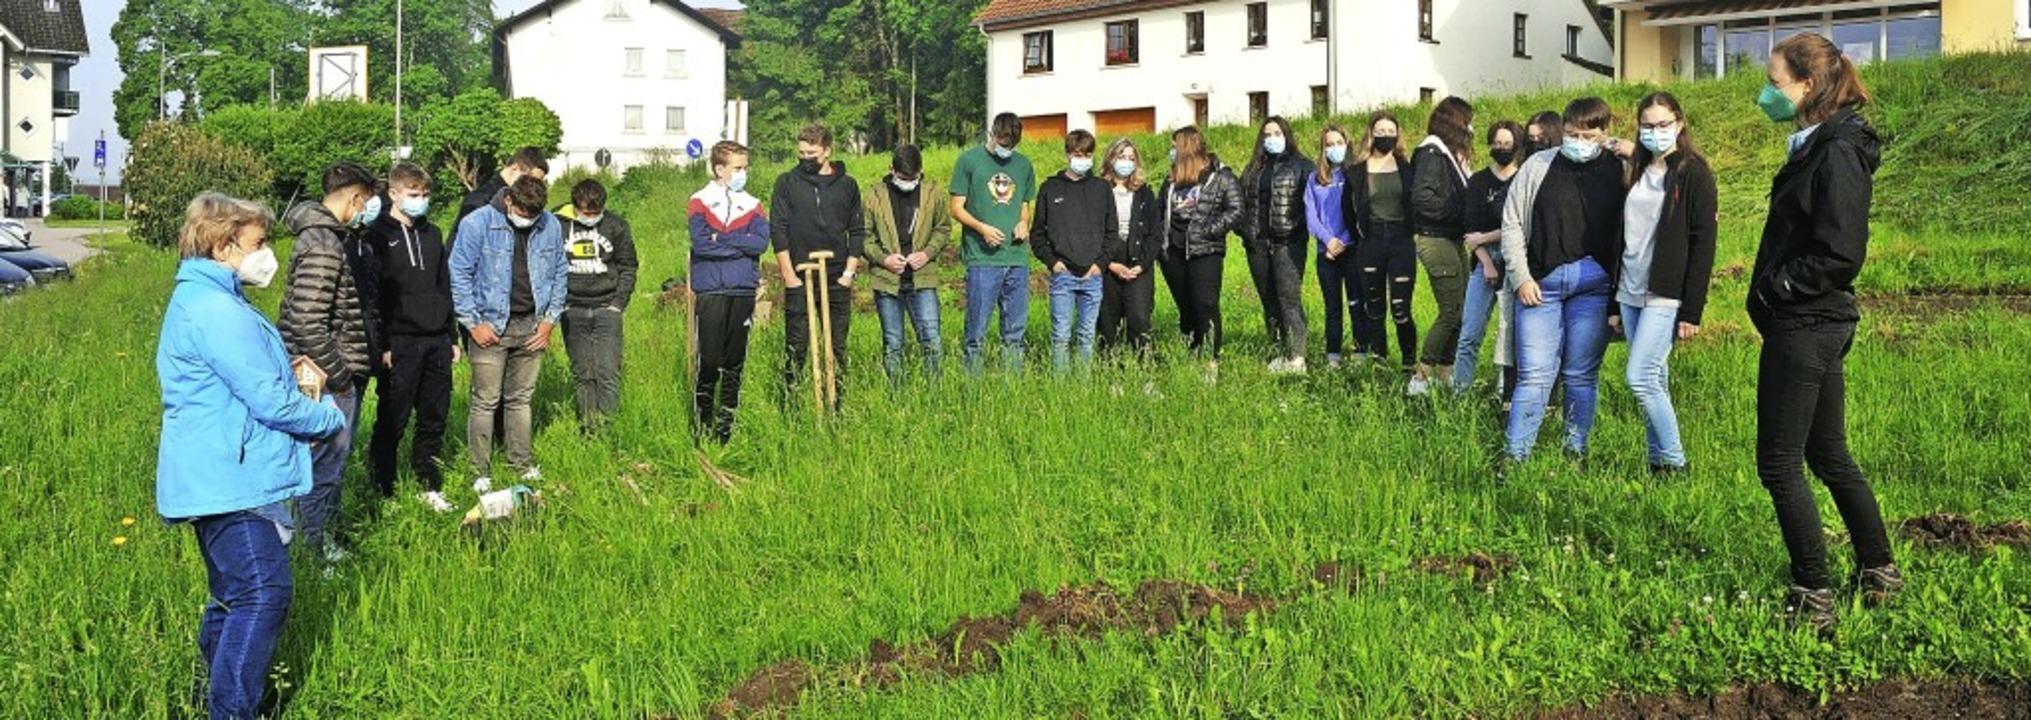 Schülerinnen und Schüler der Naturpark...uf einer Wiese vor der Grundschule an.  | Foto: M.Schwenninger